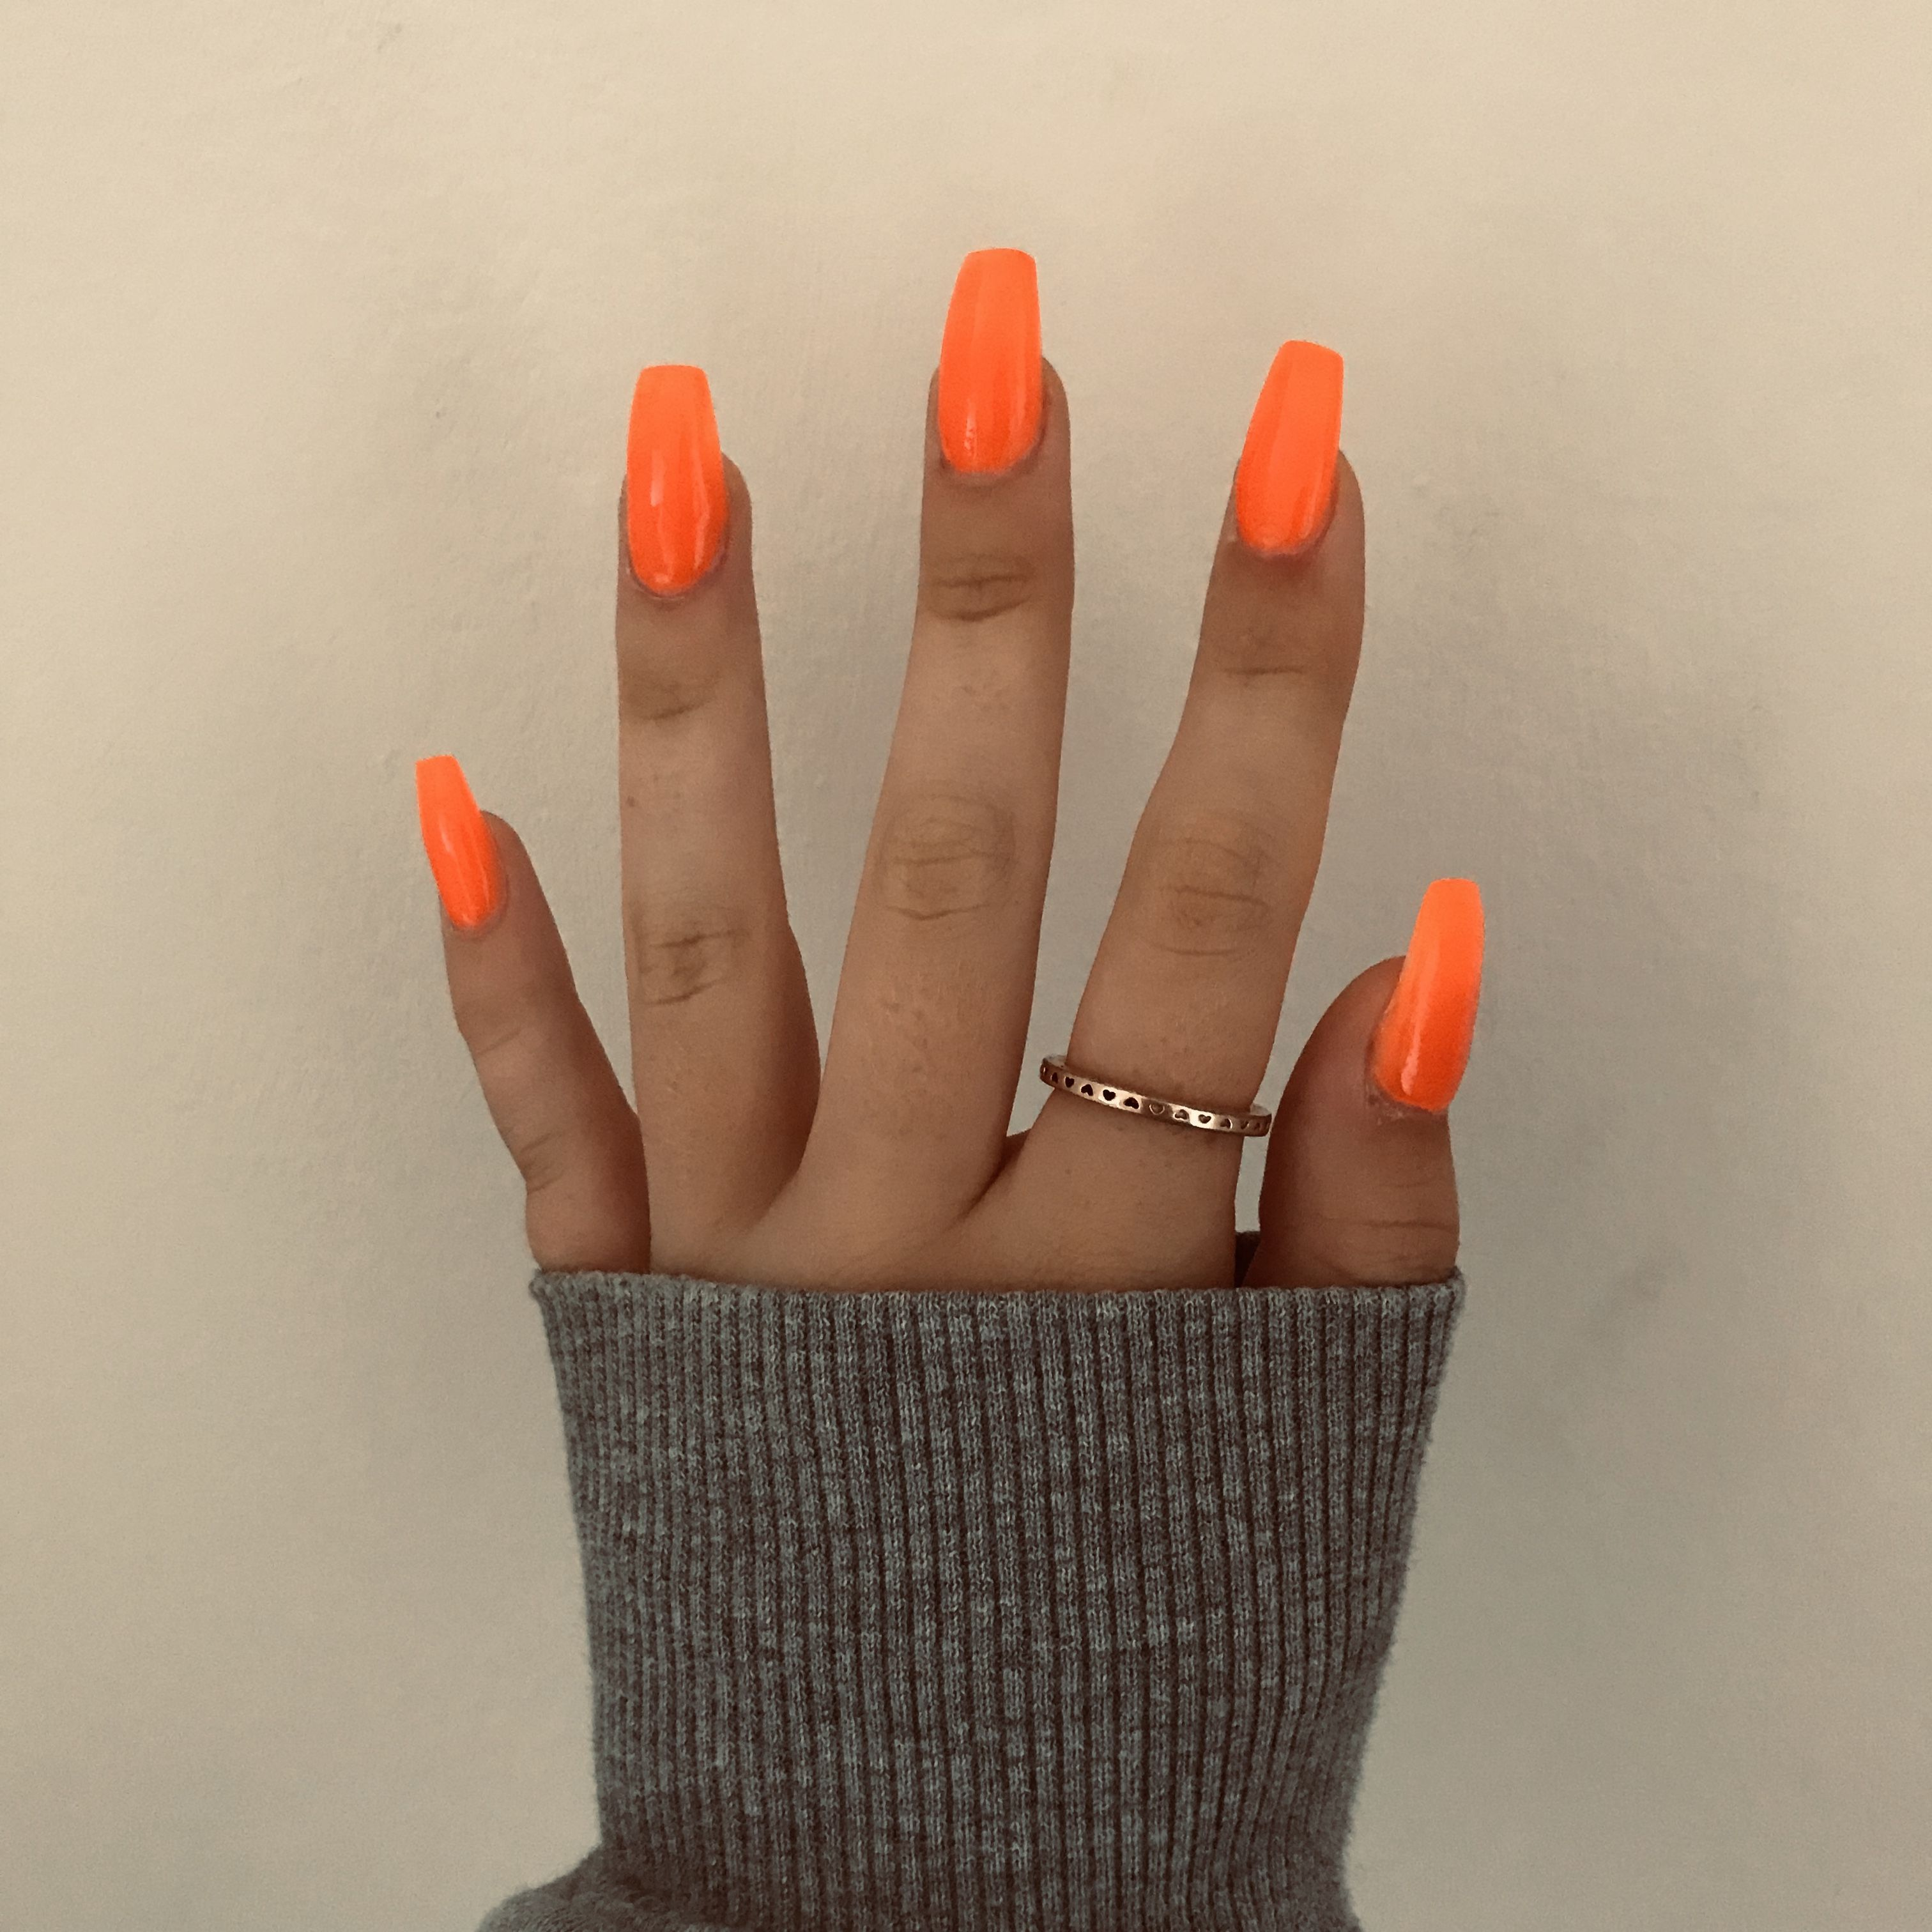 Acrylic Nails Acrylic Nails Acylic Nails Orange Acrylic Nails